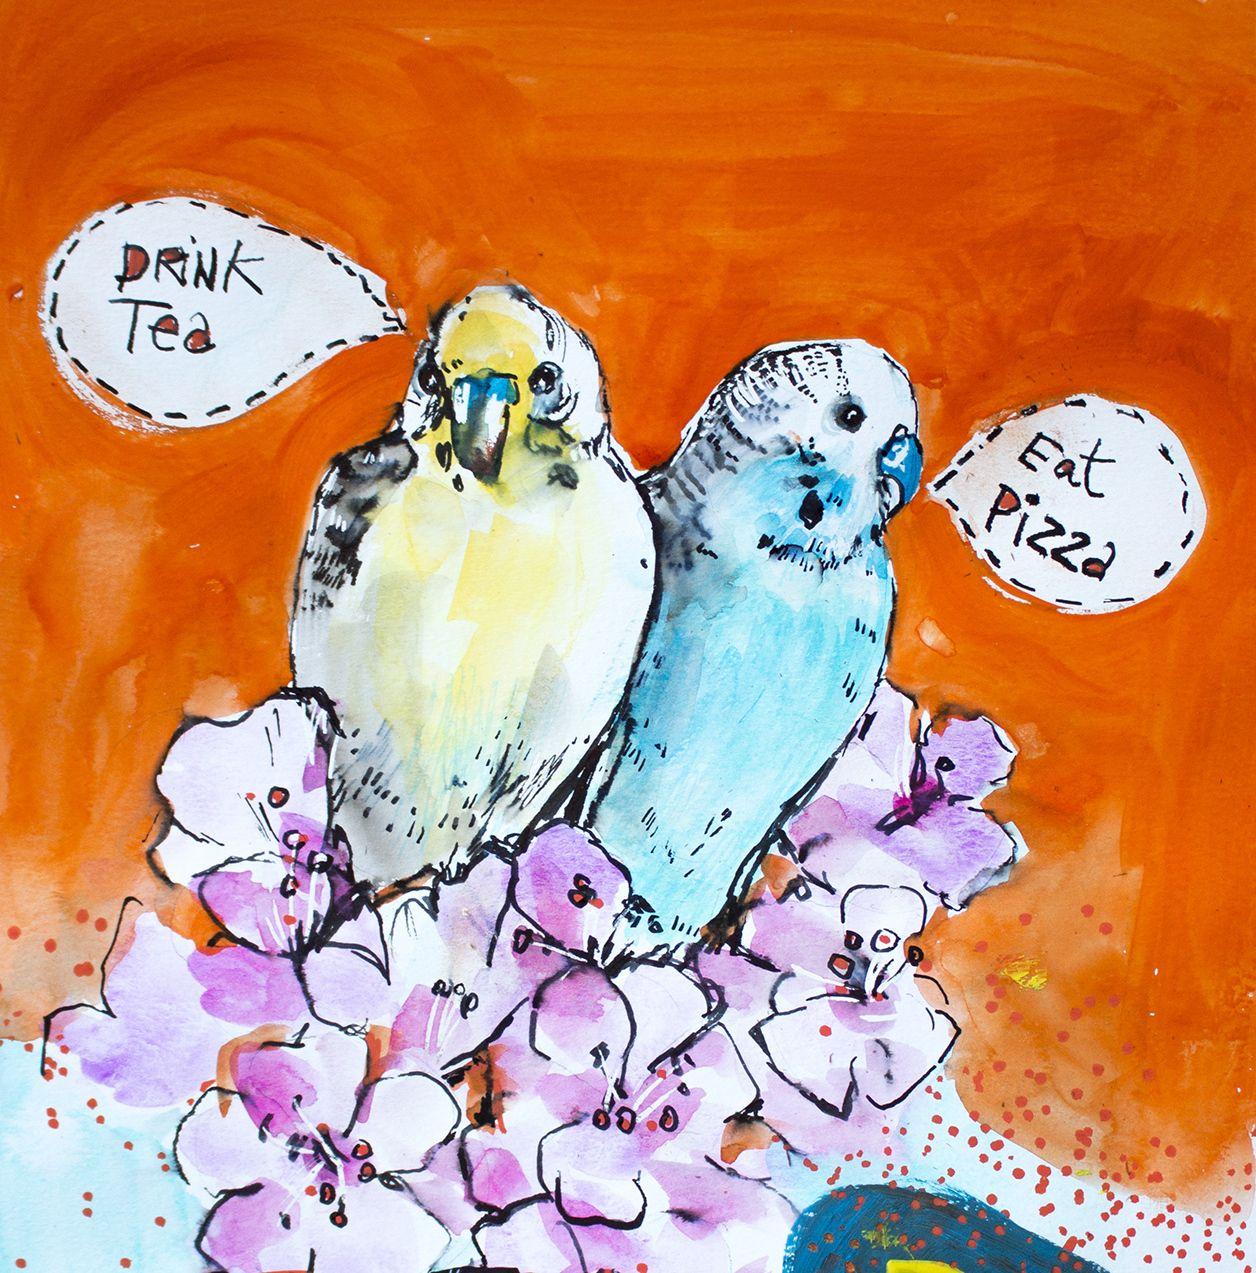 art journal . bird eat pizza, drink tea, watercolour, how to